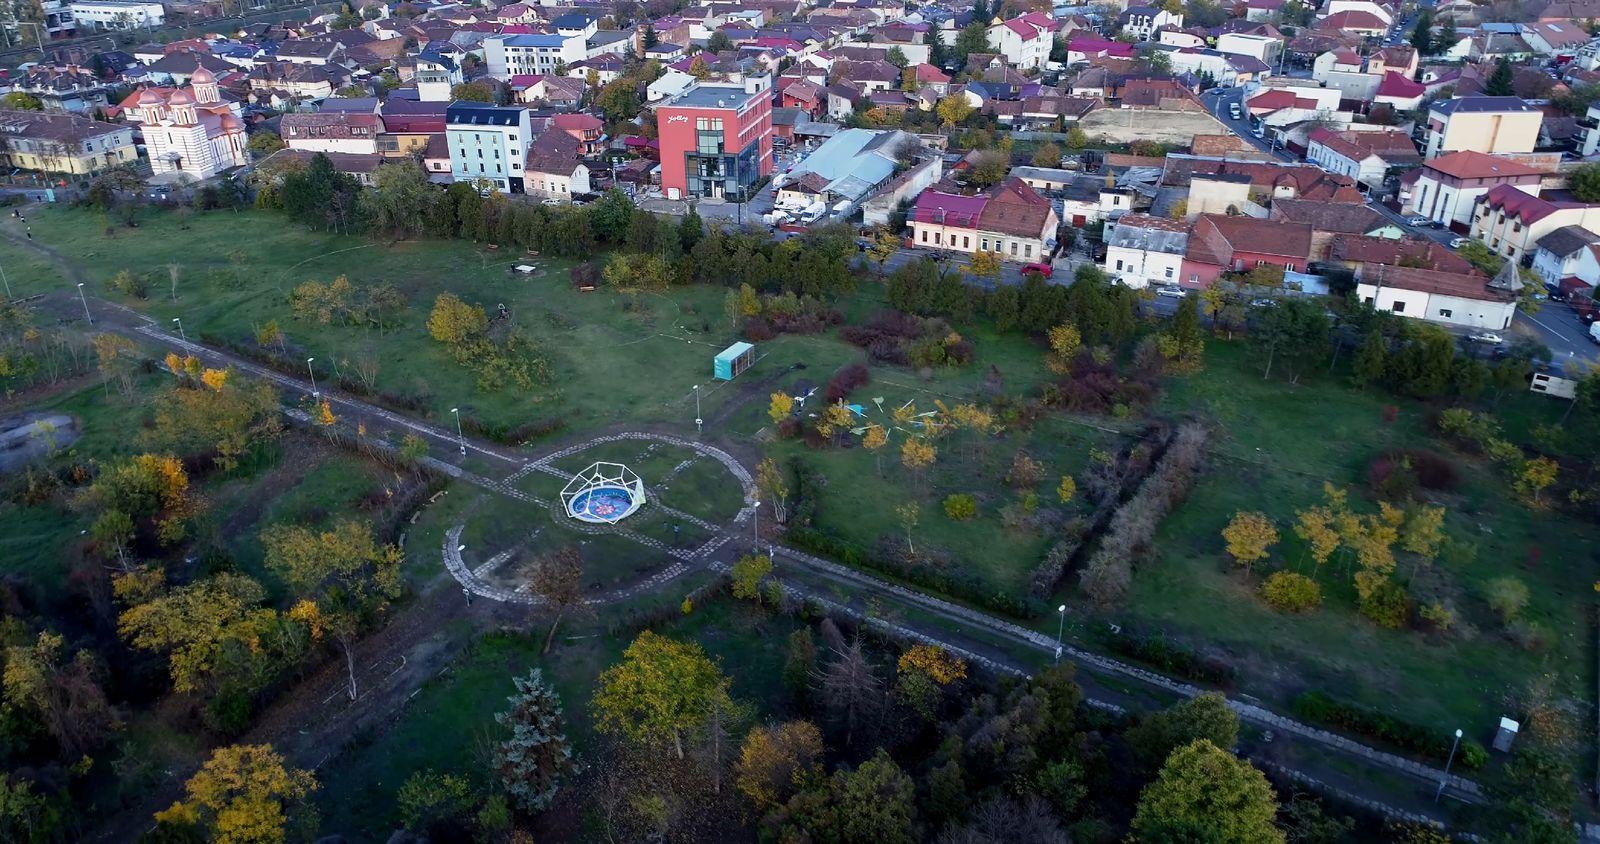 Parcul Feroviarilor în prezent. Foto: OAR